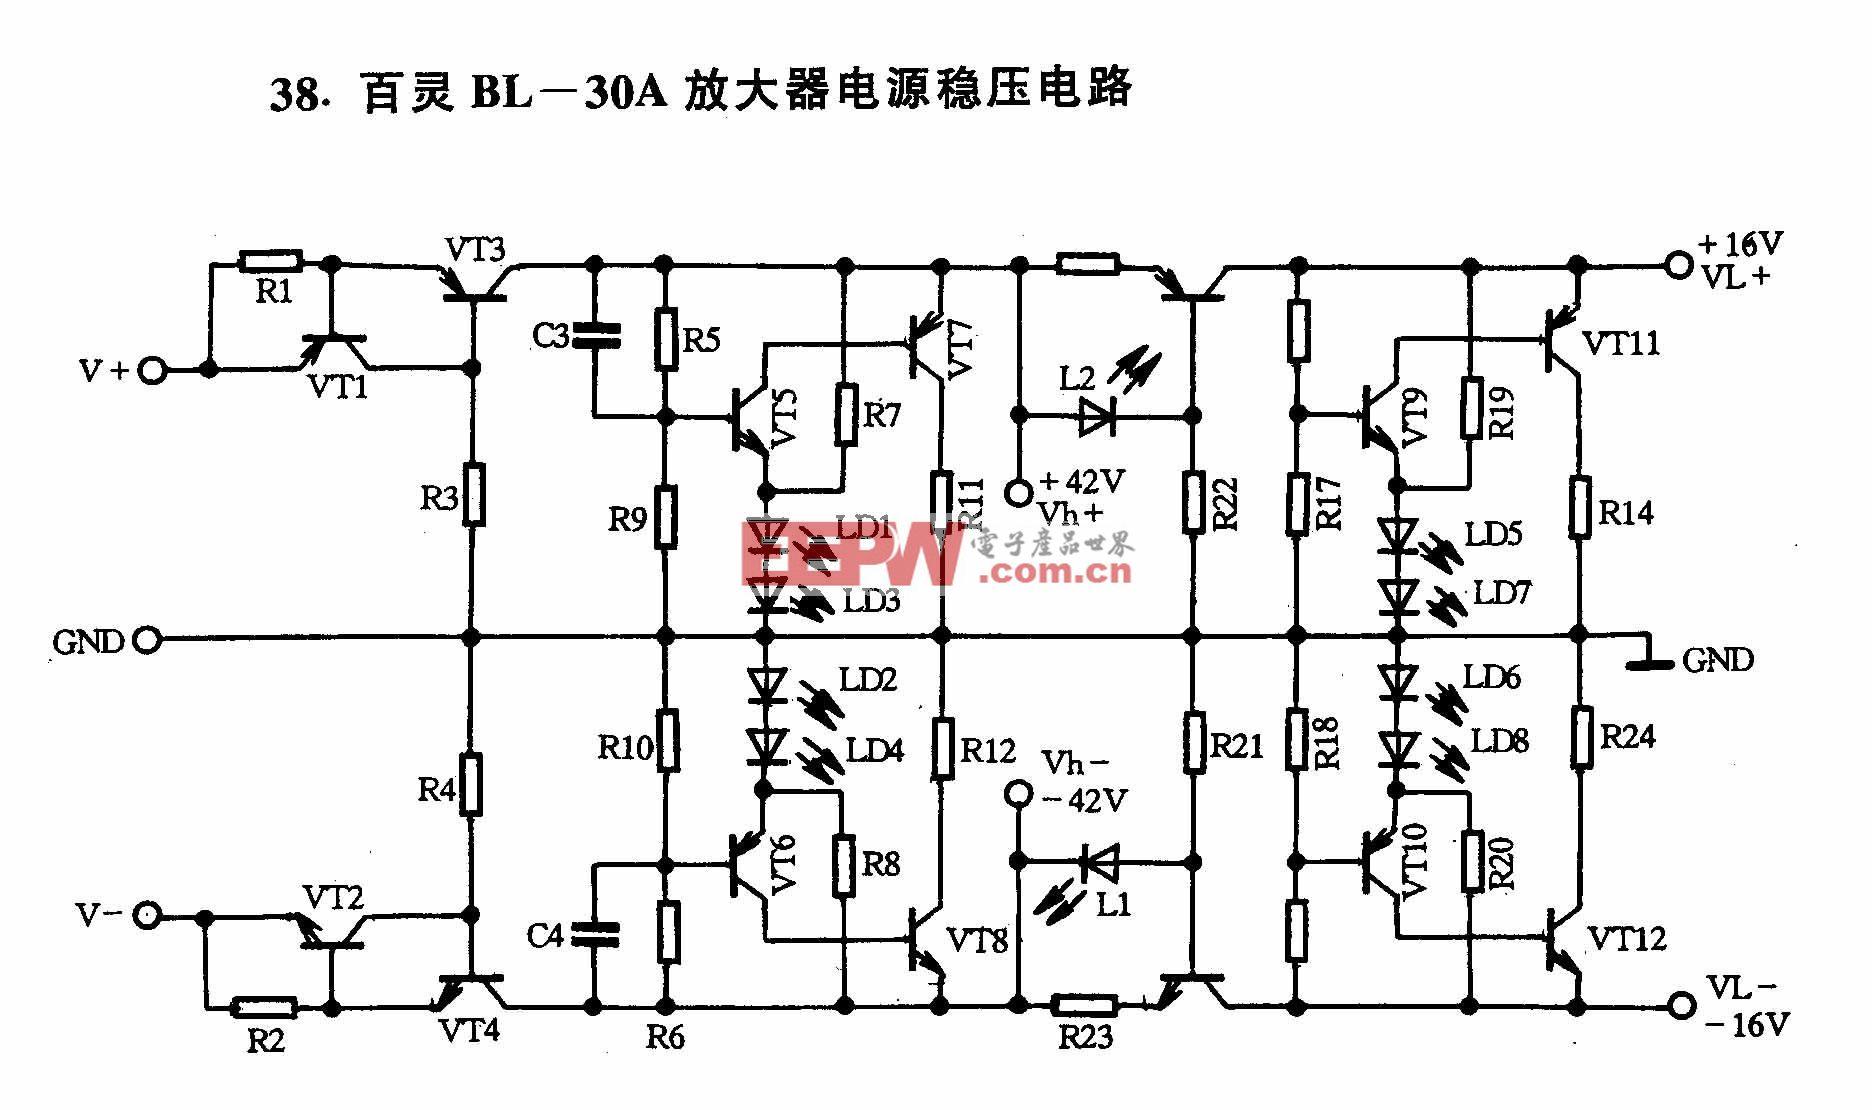 百灵BL-30A放大器电源稳压电路